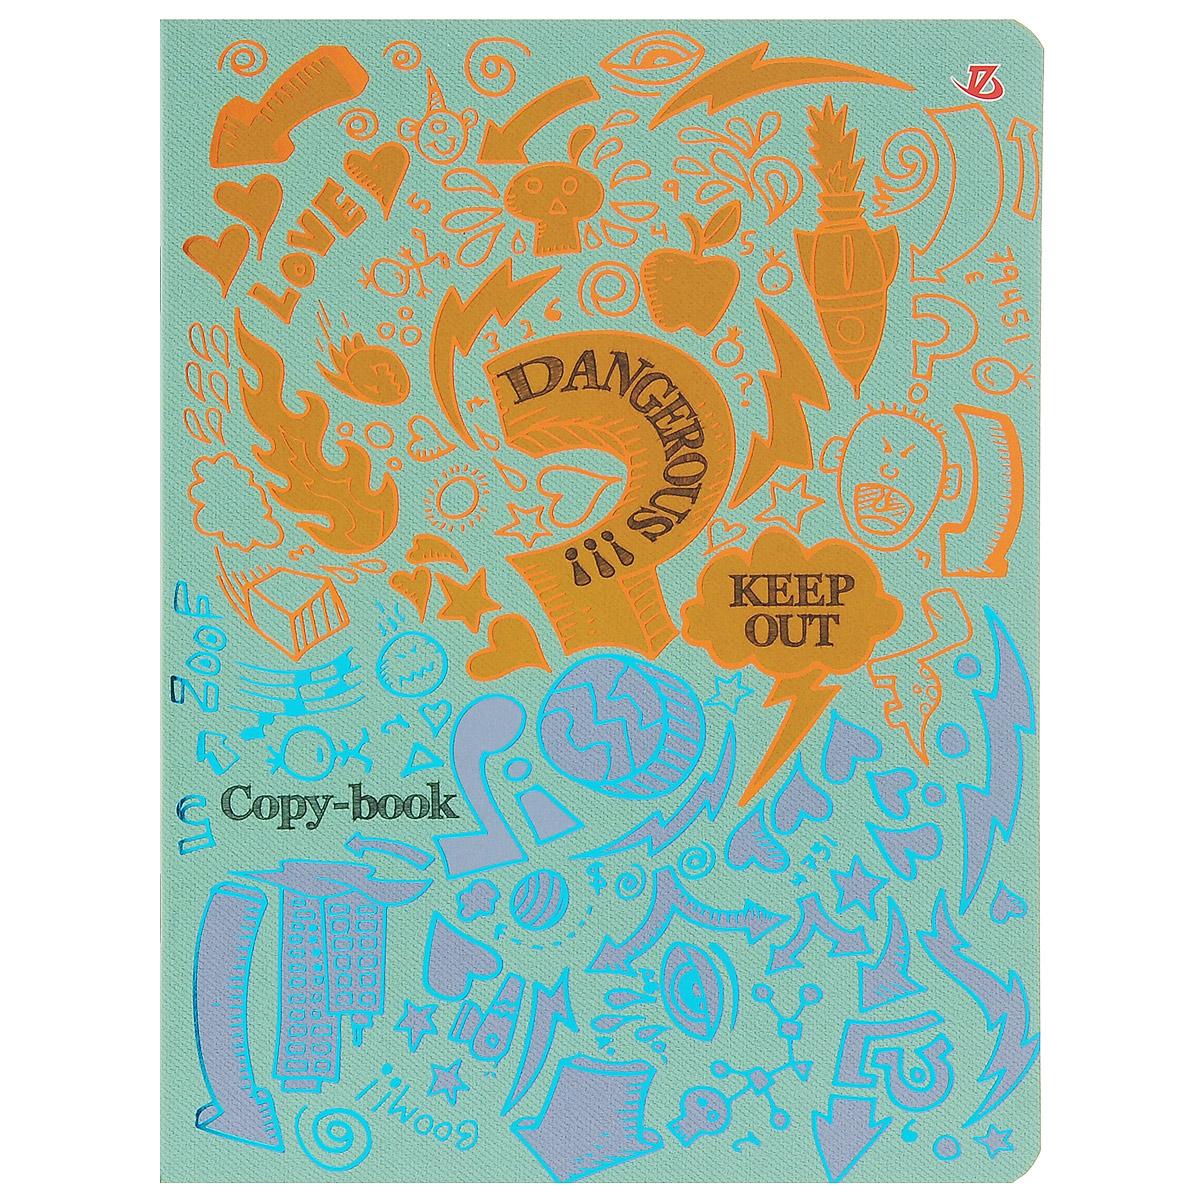 Тетрадь Keep Out, 48 листов, формат А5, цвет: бирюзовый, оранжевый7222/5_Вид 3Тетрадь в клетку Keep Out подойдет как студенту, так и школьнику. Обложка тетради выполнена из картона и украшена ярким изображением с медным и бирюзовым теснением. Внутренний блок состоит из 48 листов офсетной бумаги, способ крепления - скрепка. Линовка листов стандартная - в клетку. Внутри содержатся страничка для заполнения личных данных.